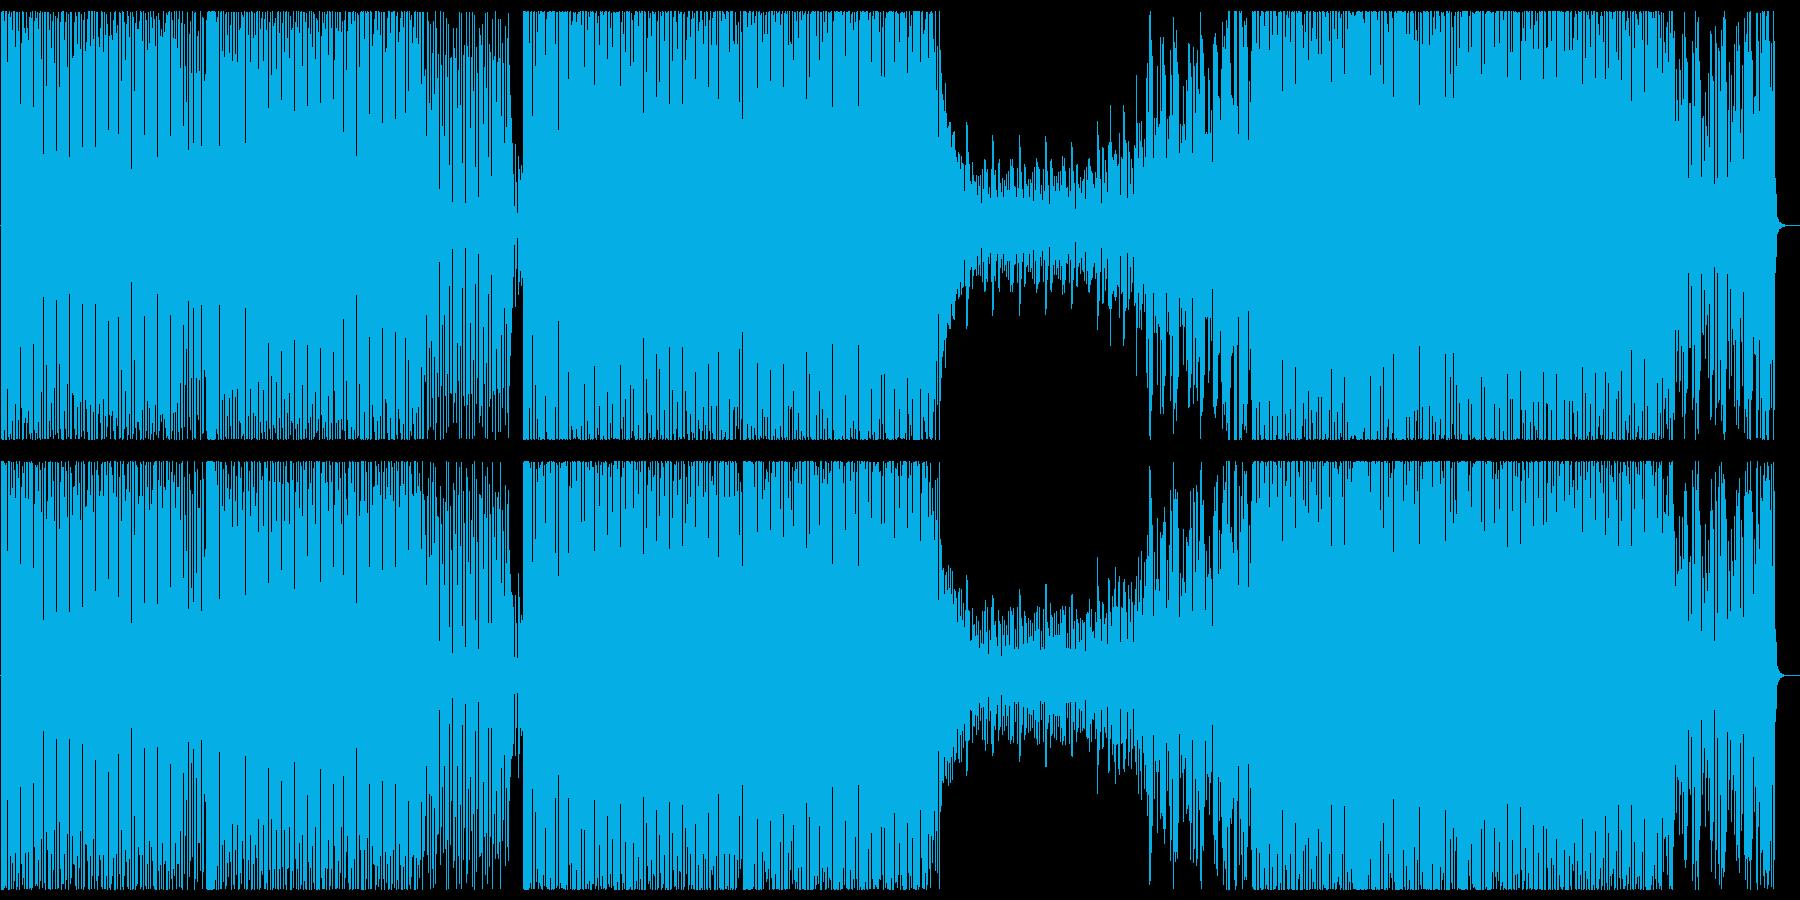 オシャレ・かっこいい系のハウス音楽の再生済みの波形